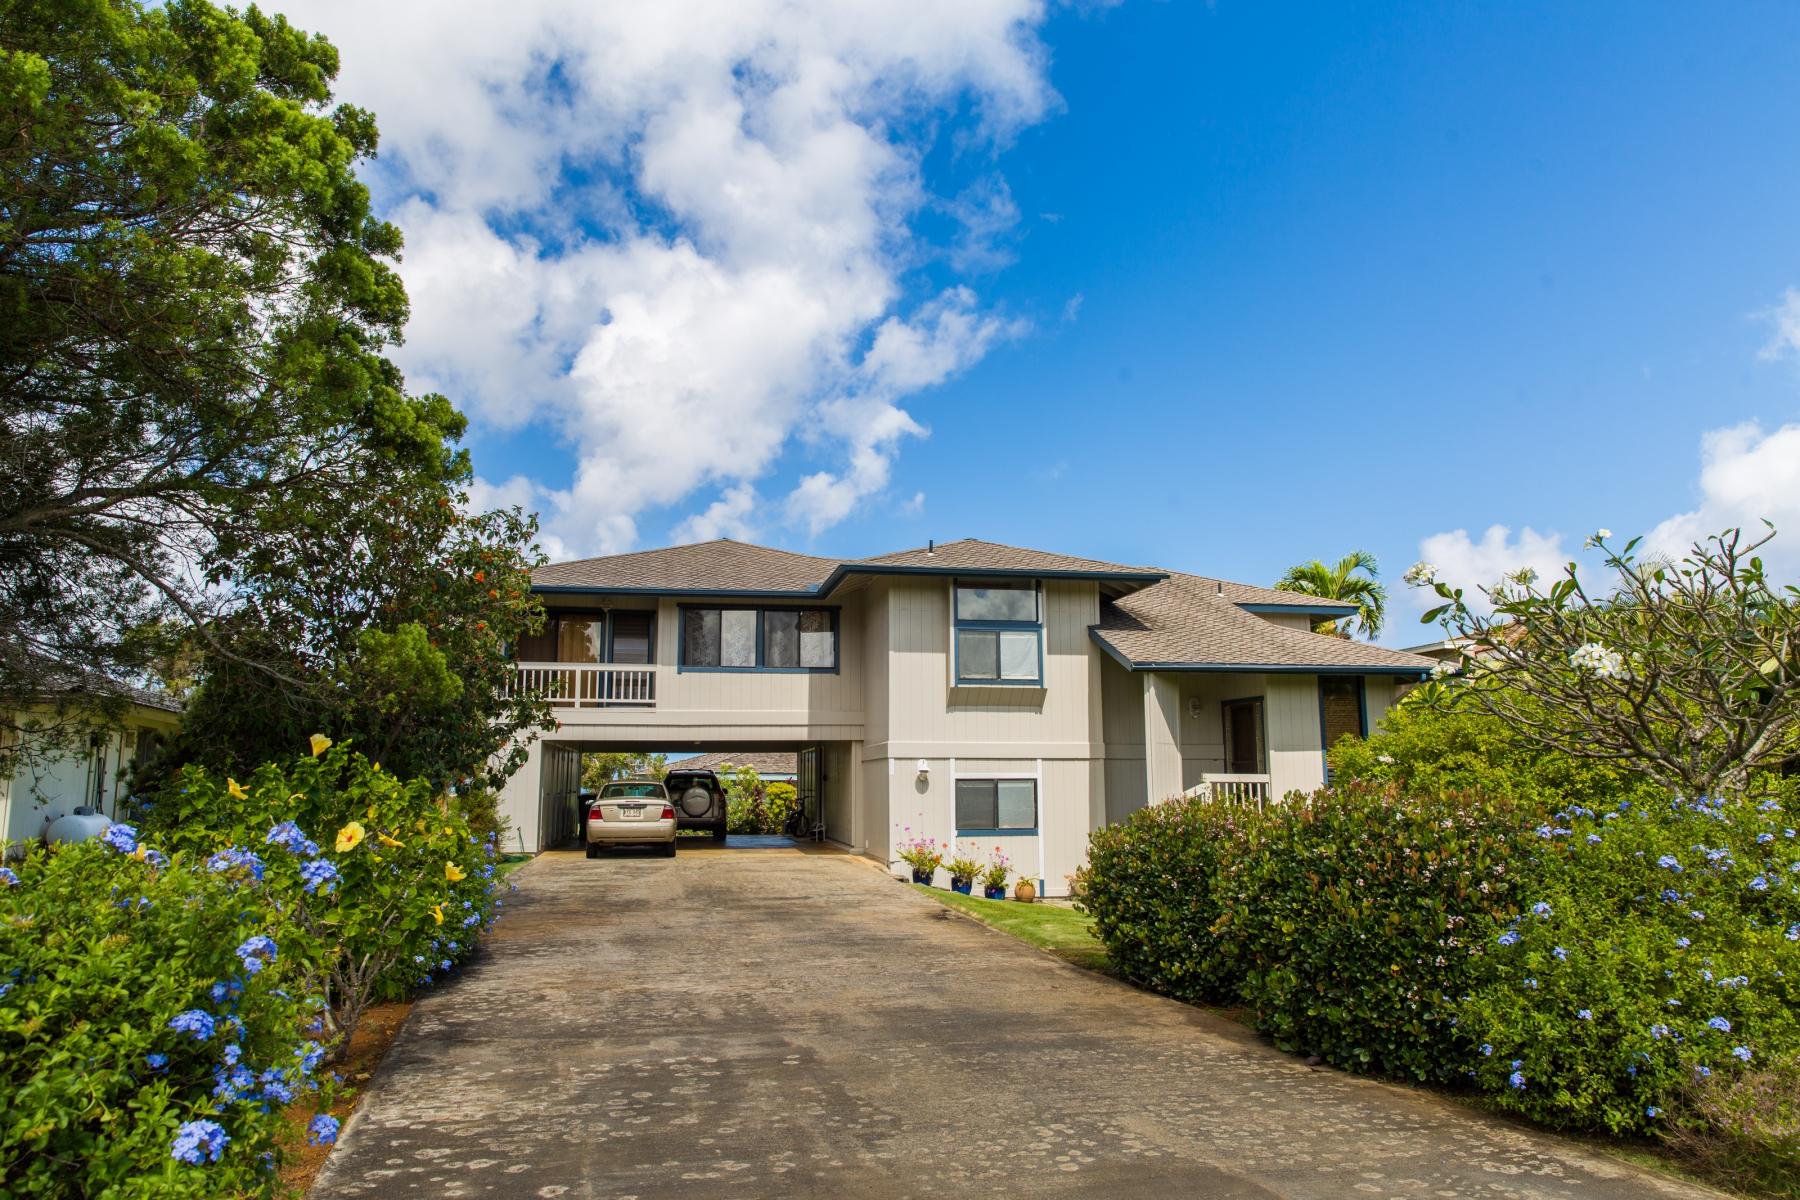 Einfamilienhaus für Verkauf beim Princeville 3844 Punahele Rd Princeville, Hawaii, 96722 Vereinigte Staaten